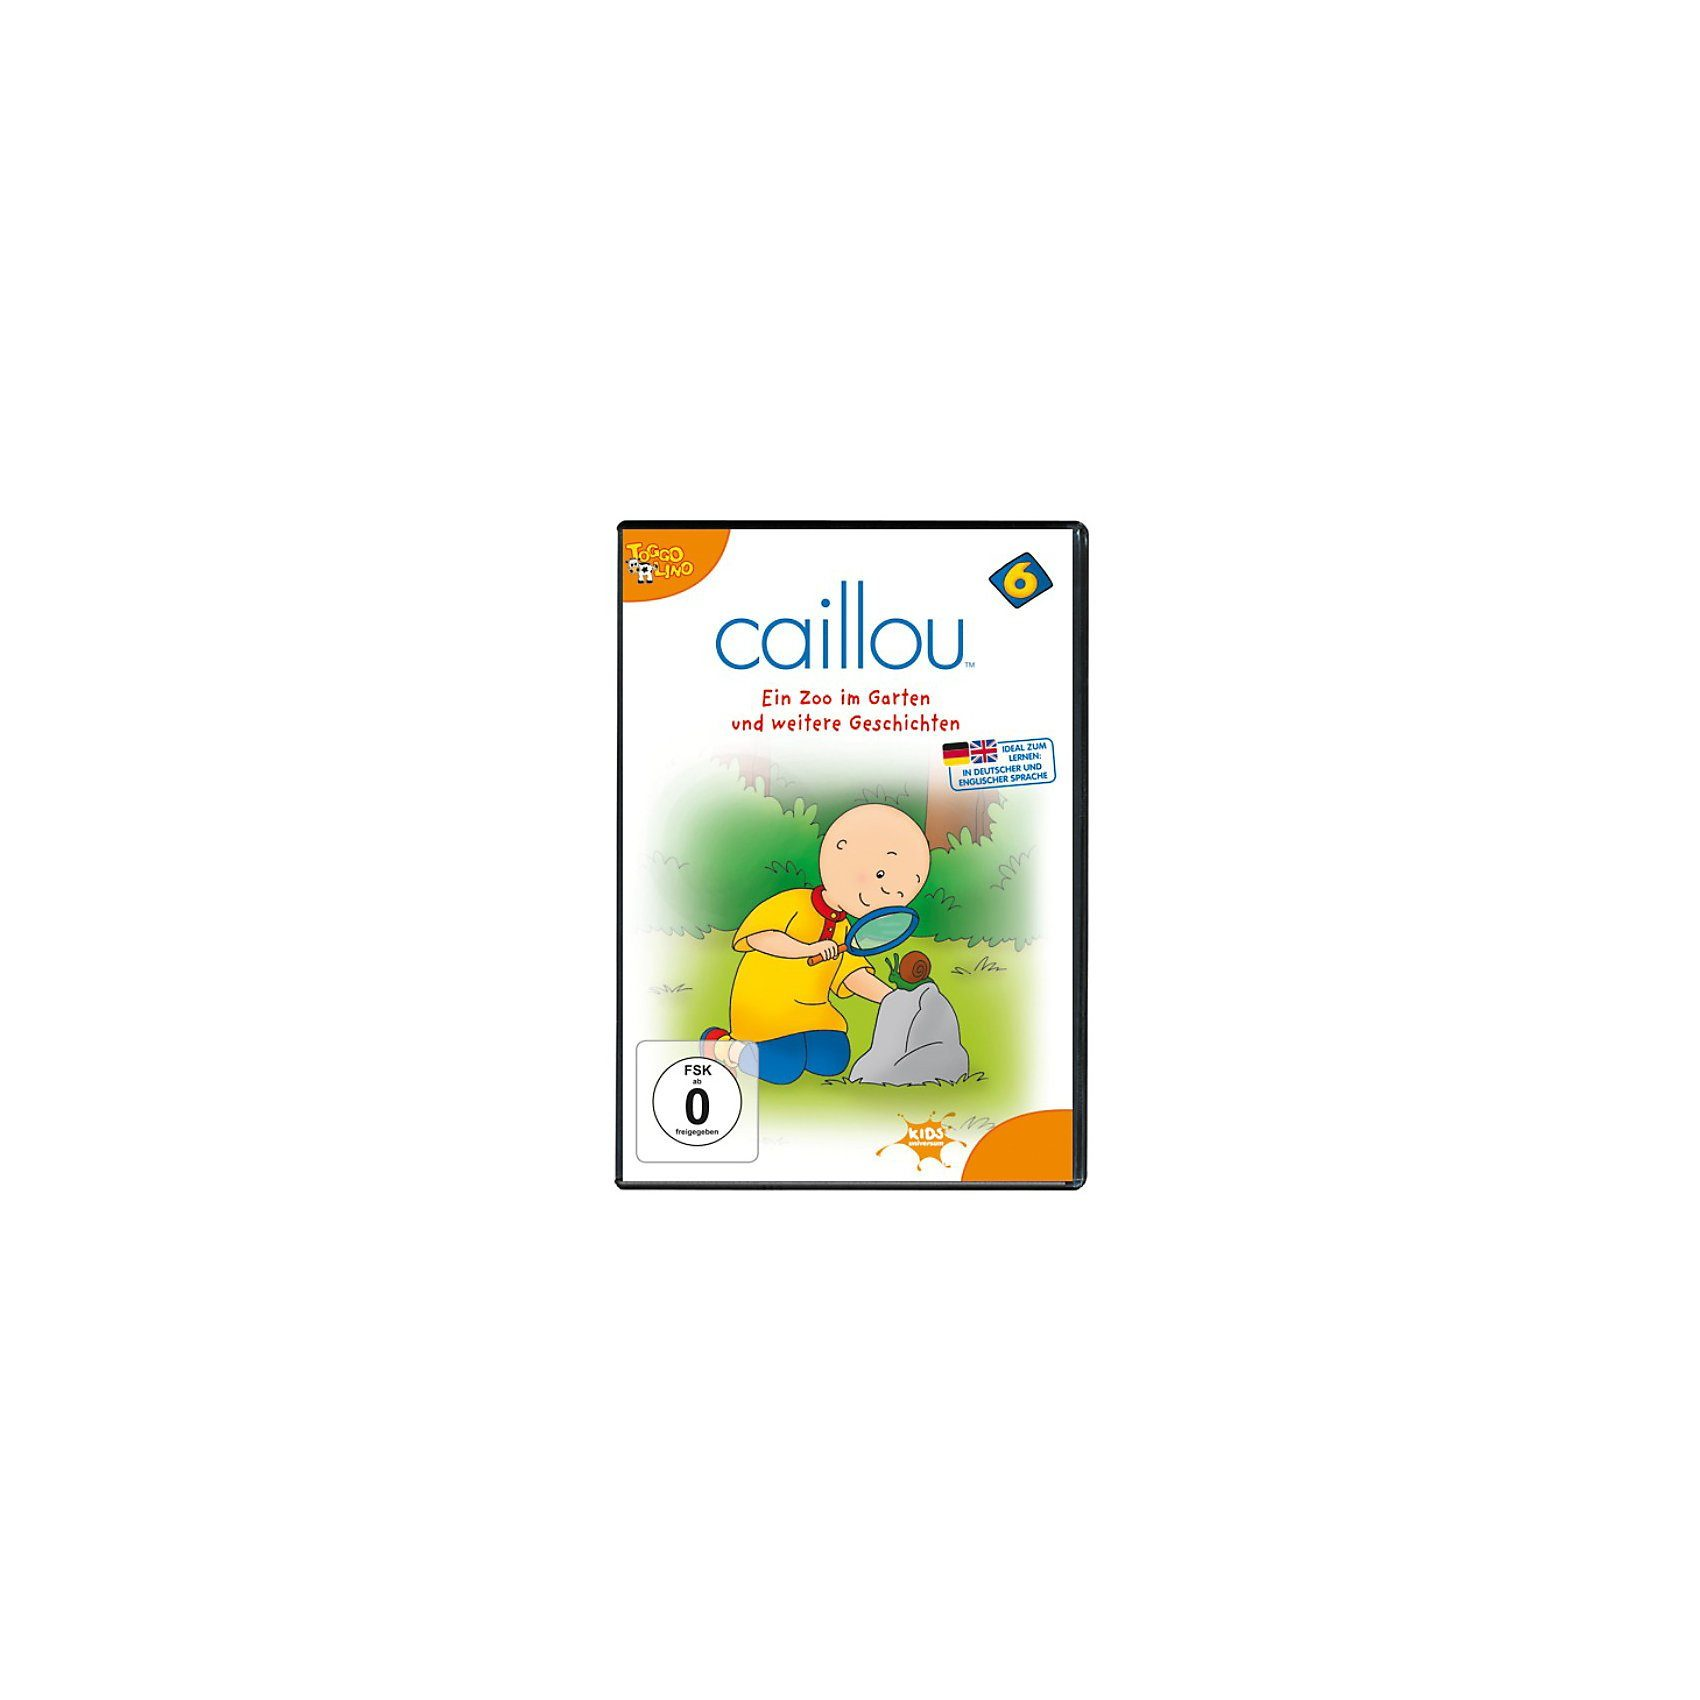 universum DVD Caillou 06: Ein Zoo im Garten und weitere Geschichten